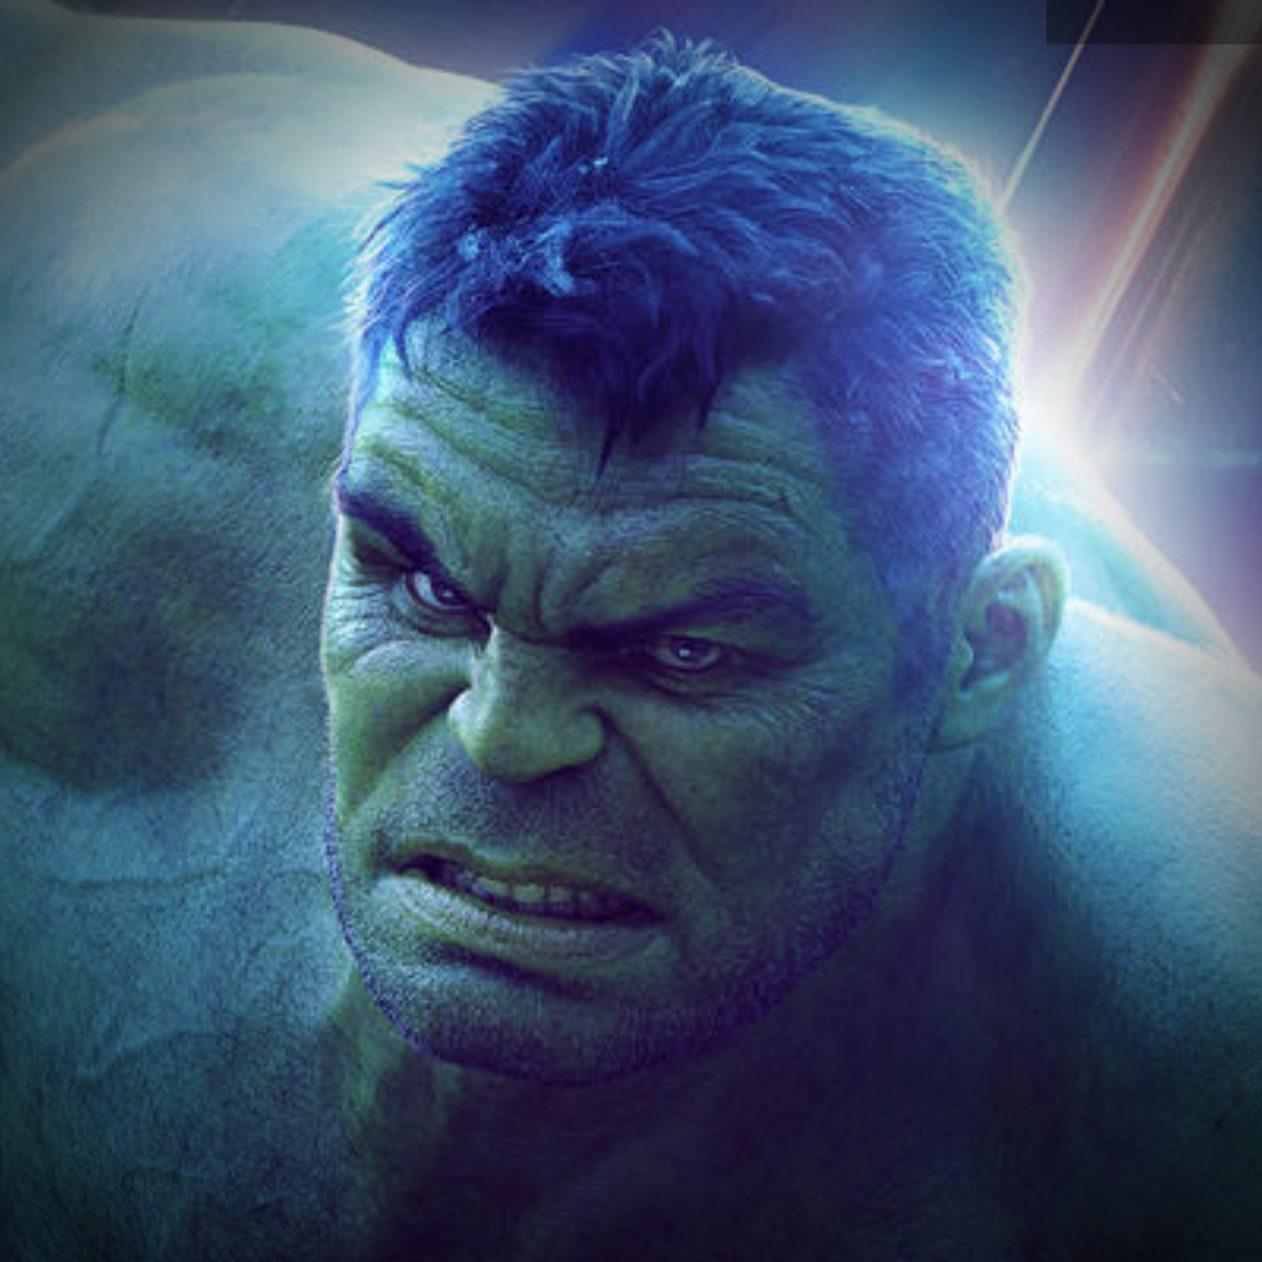 1262x1262 Parallax wallpaper 4k Hulk Marvel iPad Wallpaper 1262x1262 pixels resolution